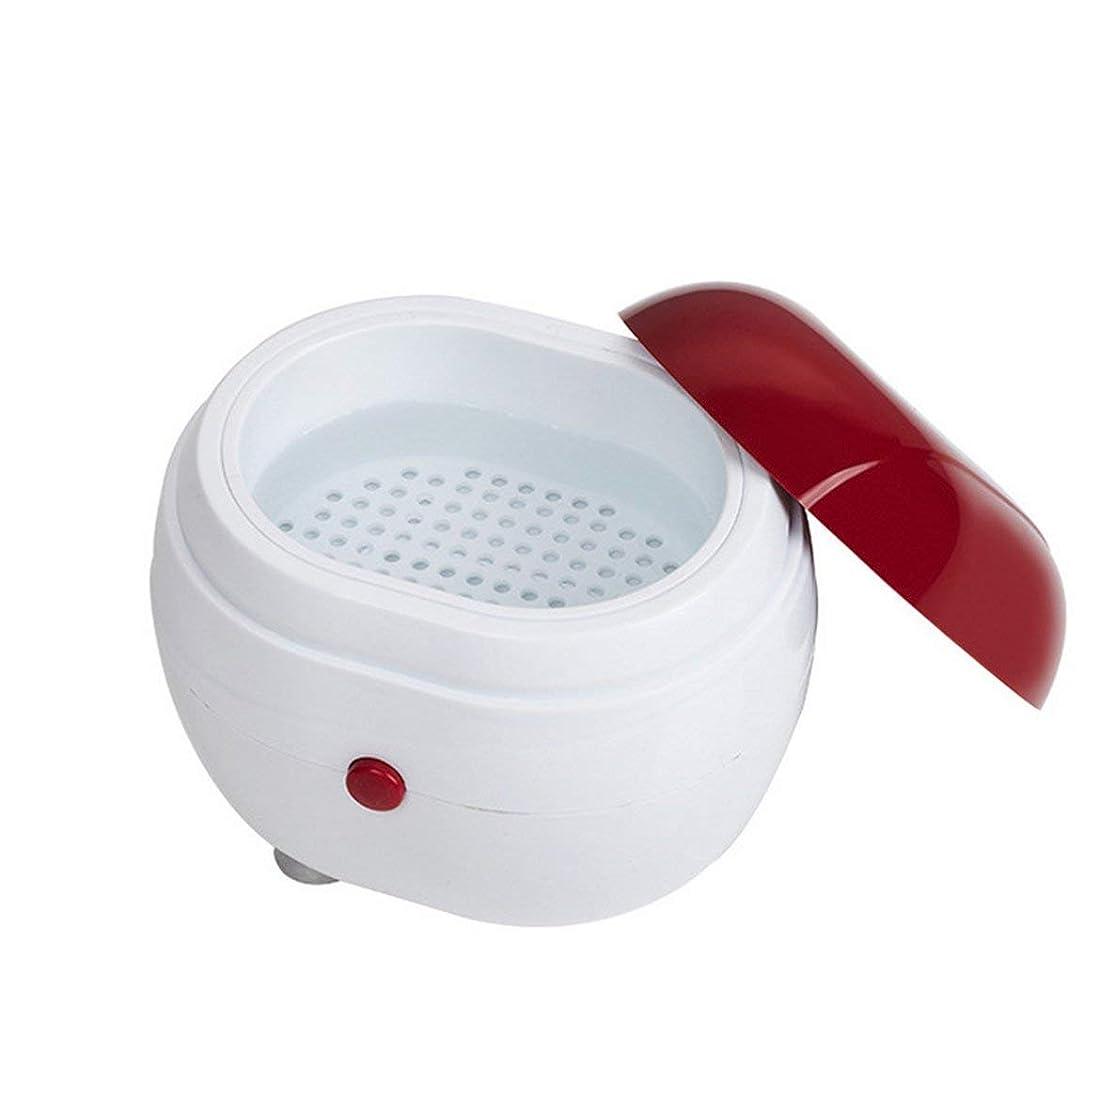 アンビエント不正確エレベーターMolySun 歯用ツール 歯清潔 ポータブル超音波洗浄機家庭用ジュエリーレンズ時計入れ歯洗浄機洗濯機クリーナークリーニングボックス 赤と白